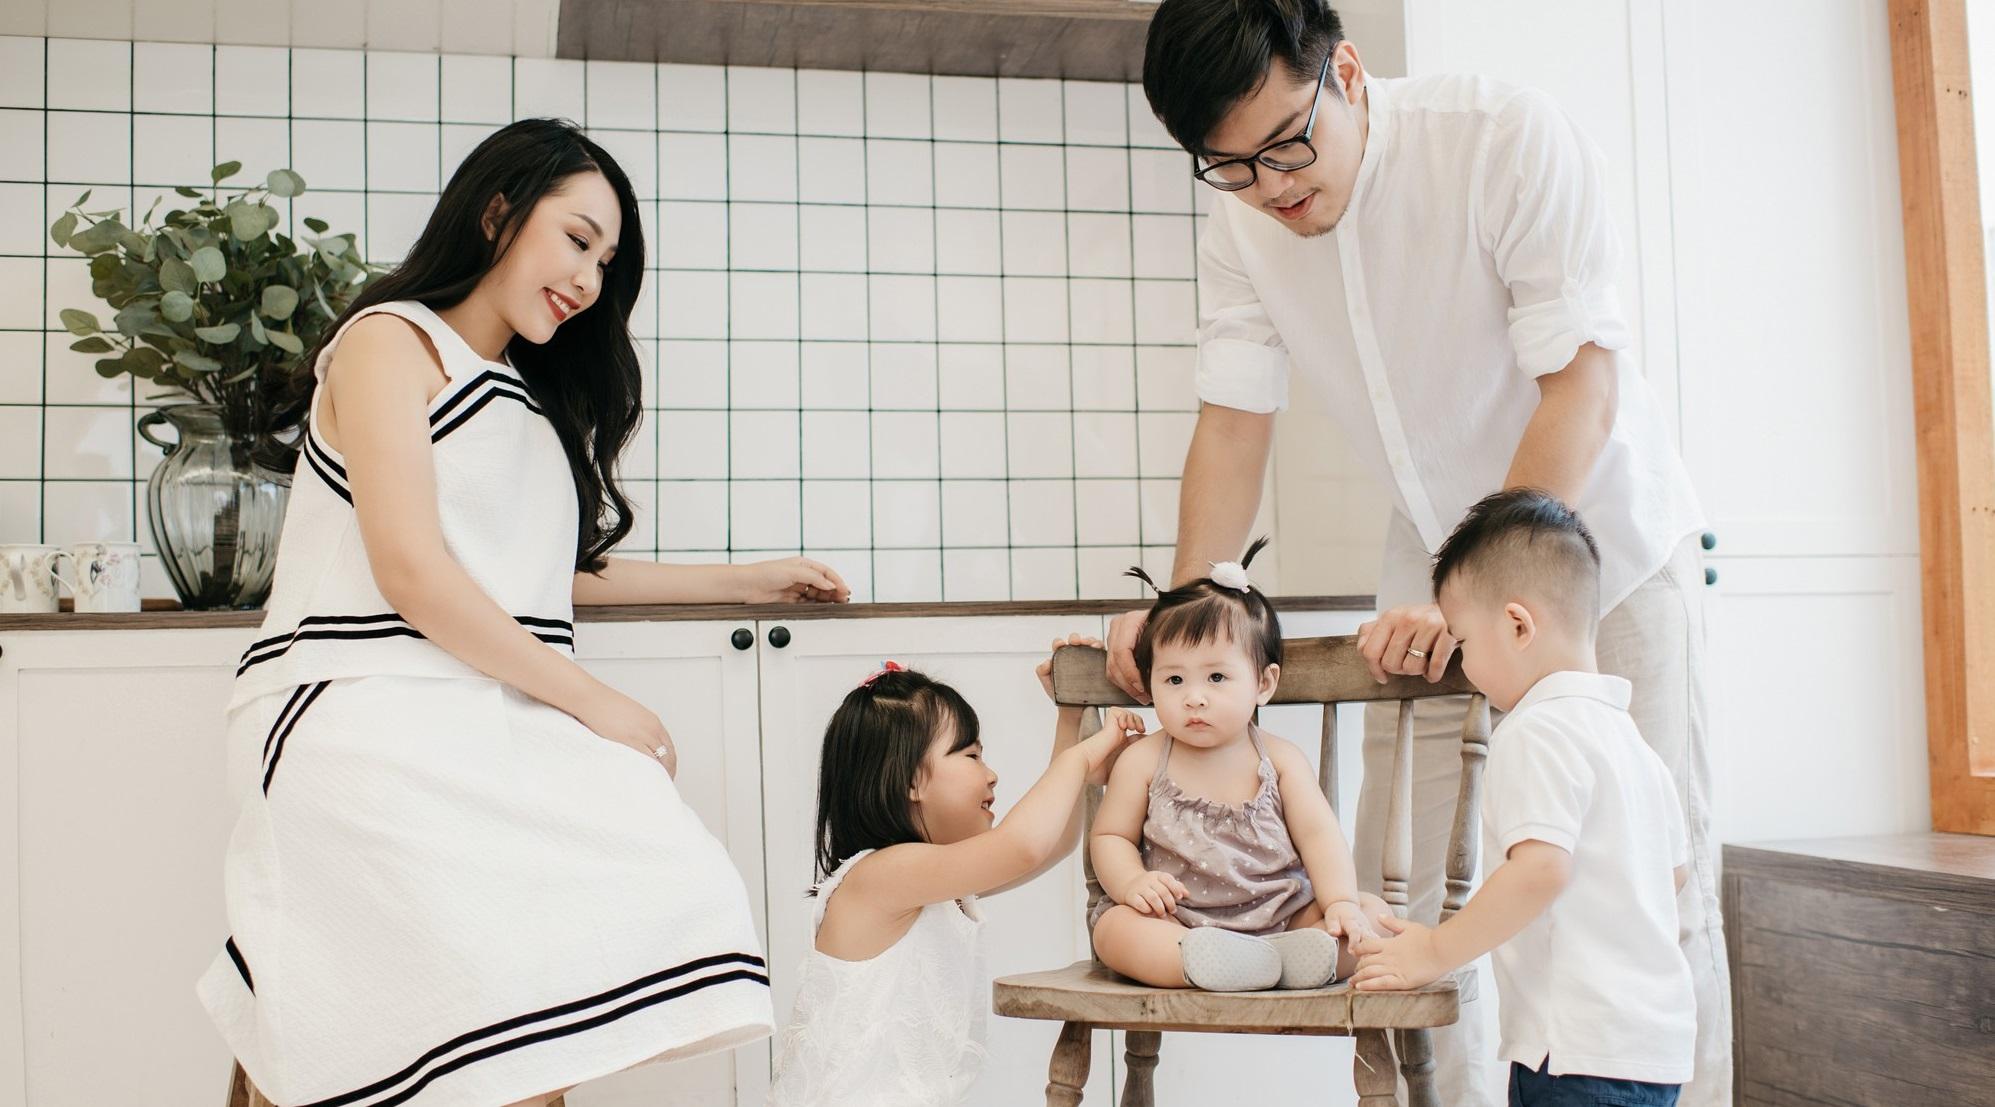 Gia đình hòa thuận, nghèo khó đến đâu cũng có thể làm giàu